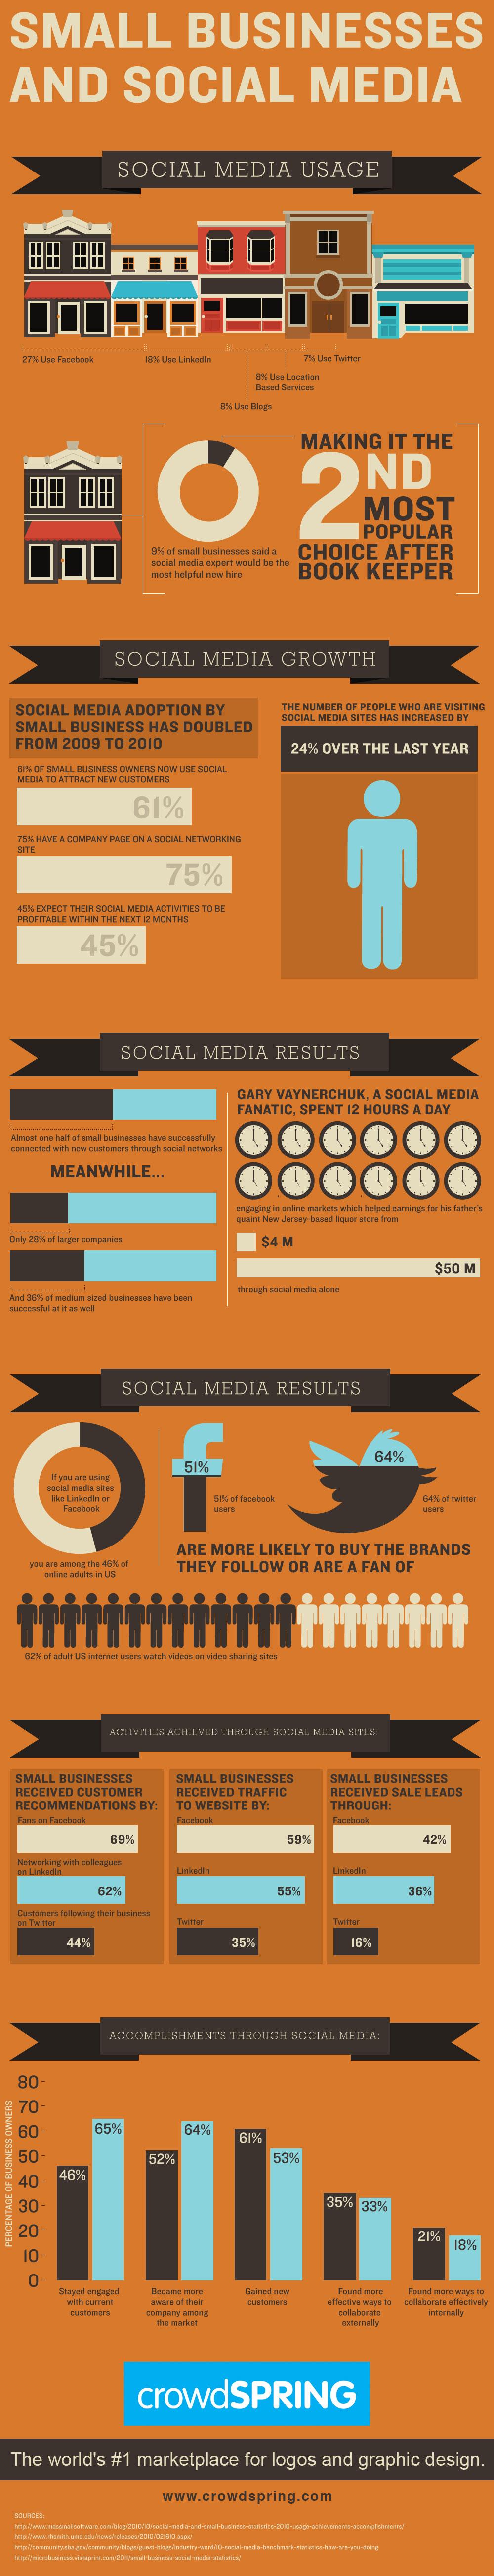 Social Media wmałych przedsiębiorstwach